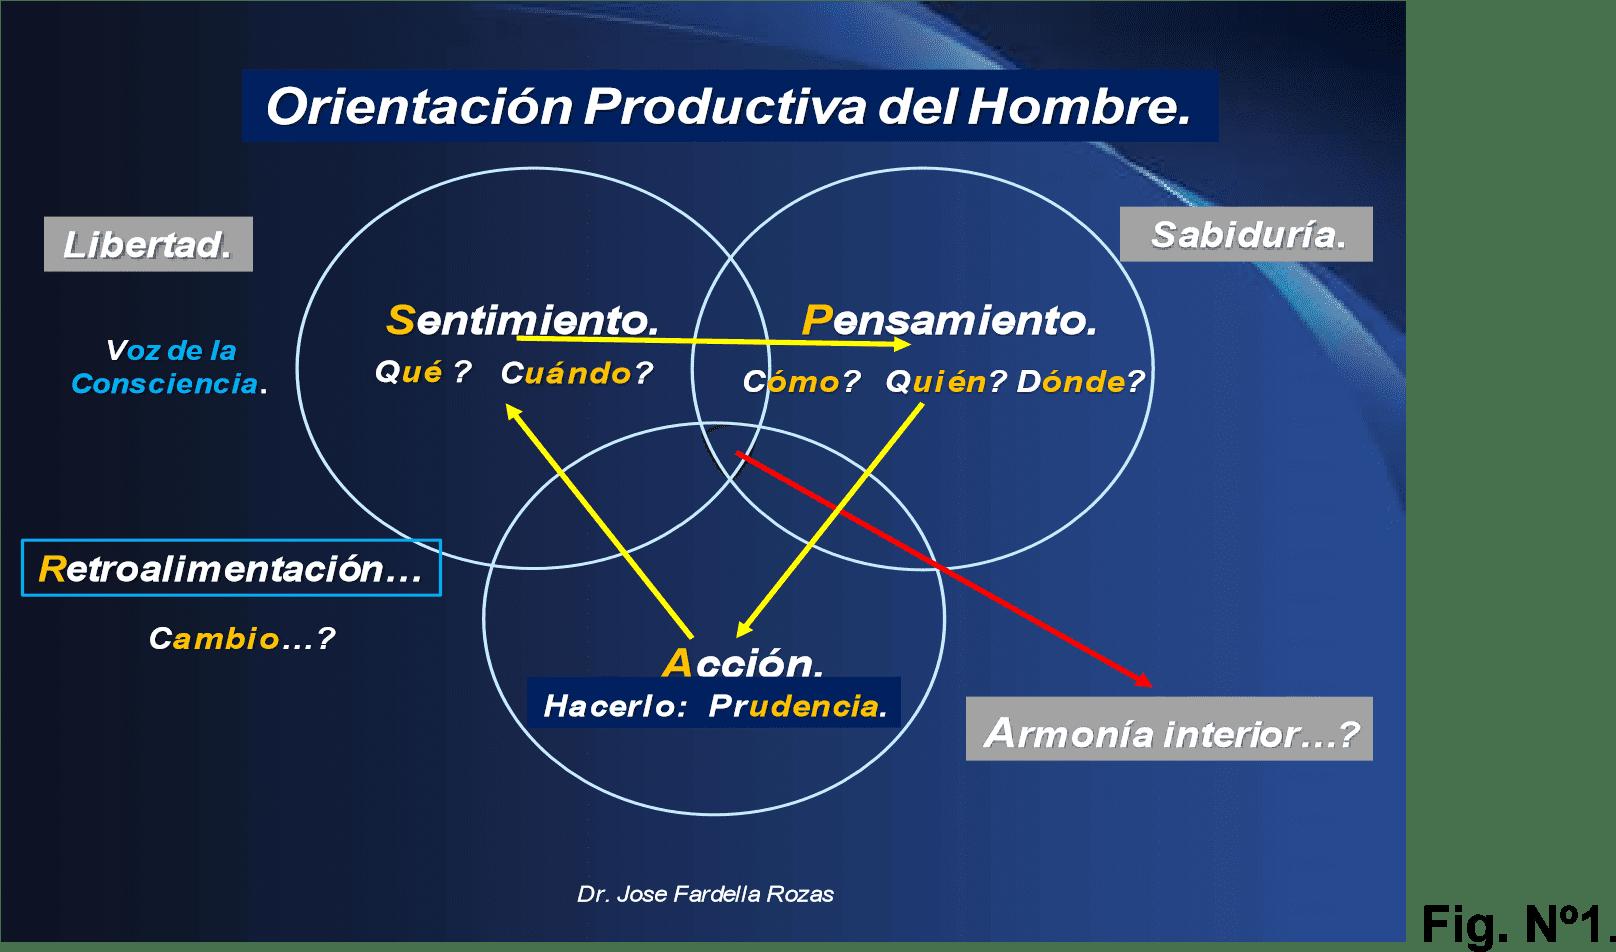 Orientación productiva del hombre